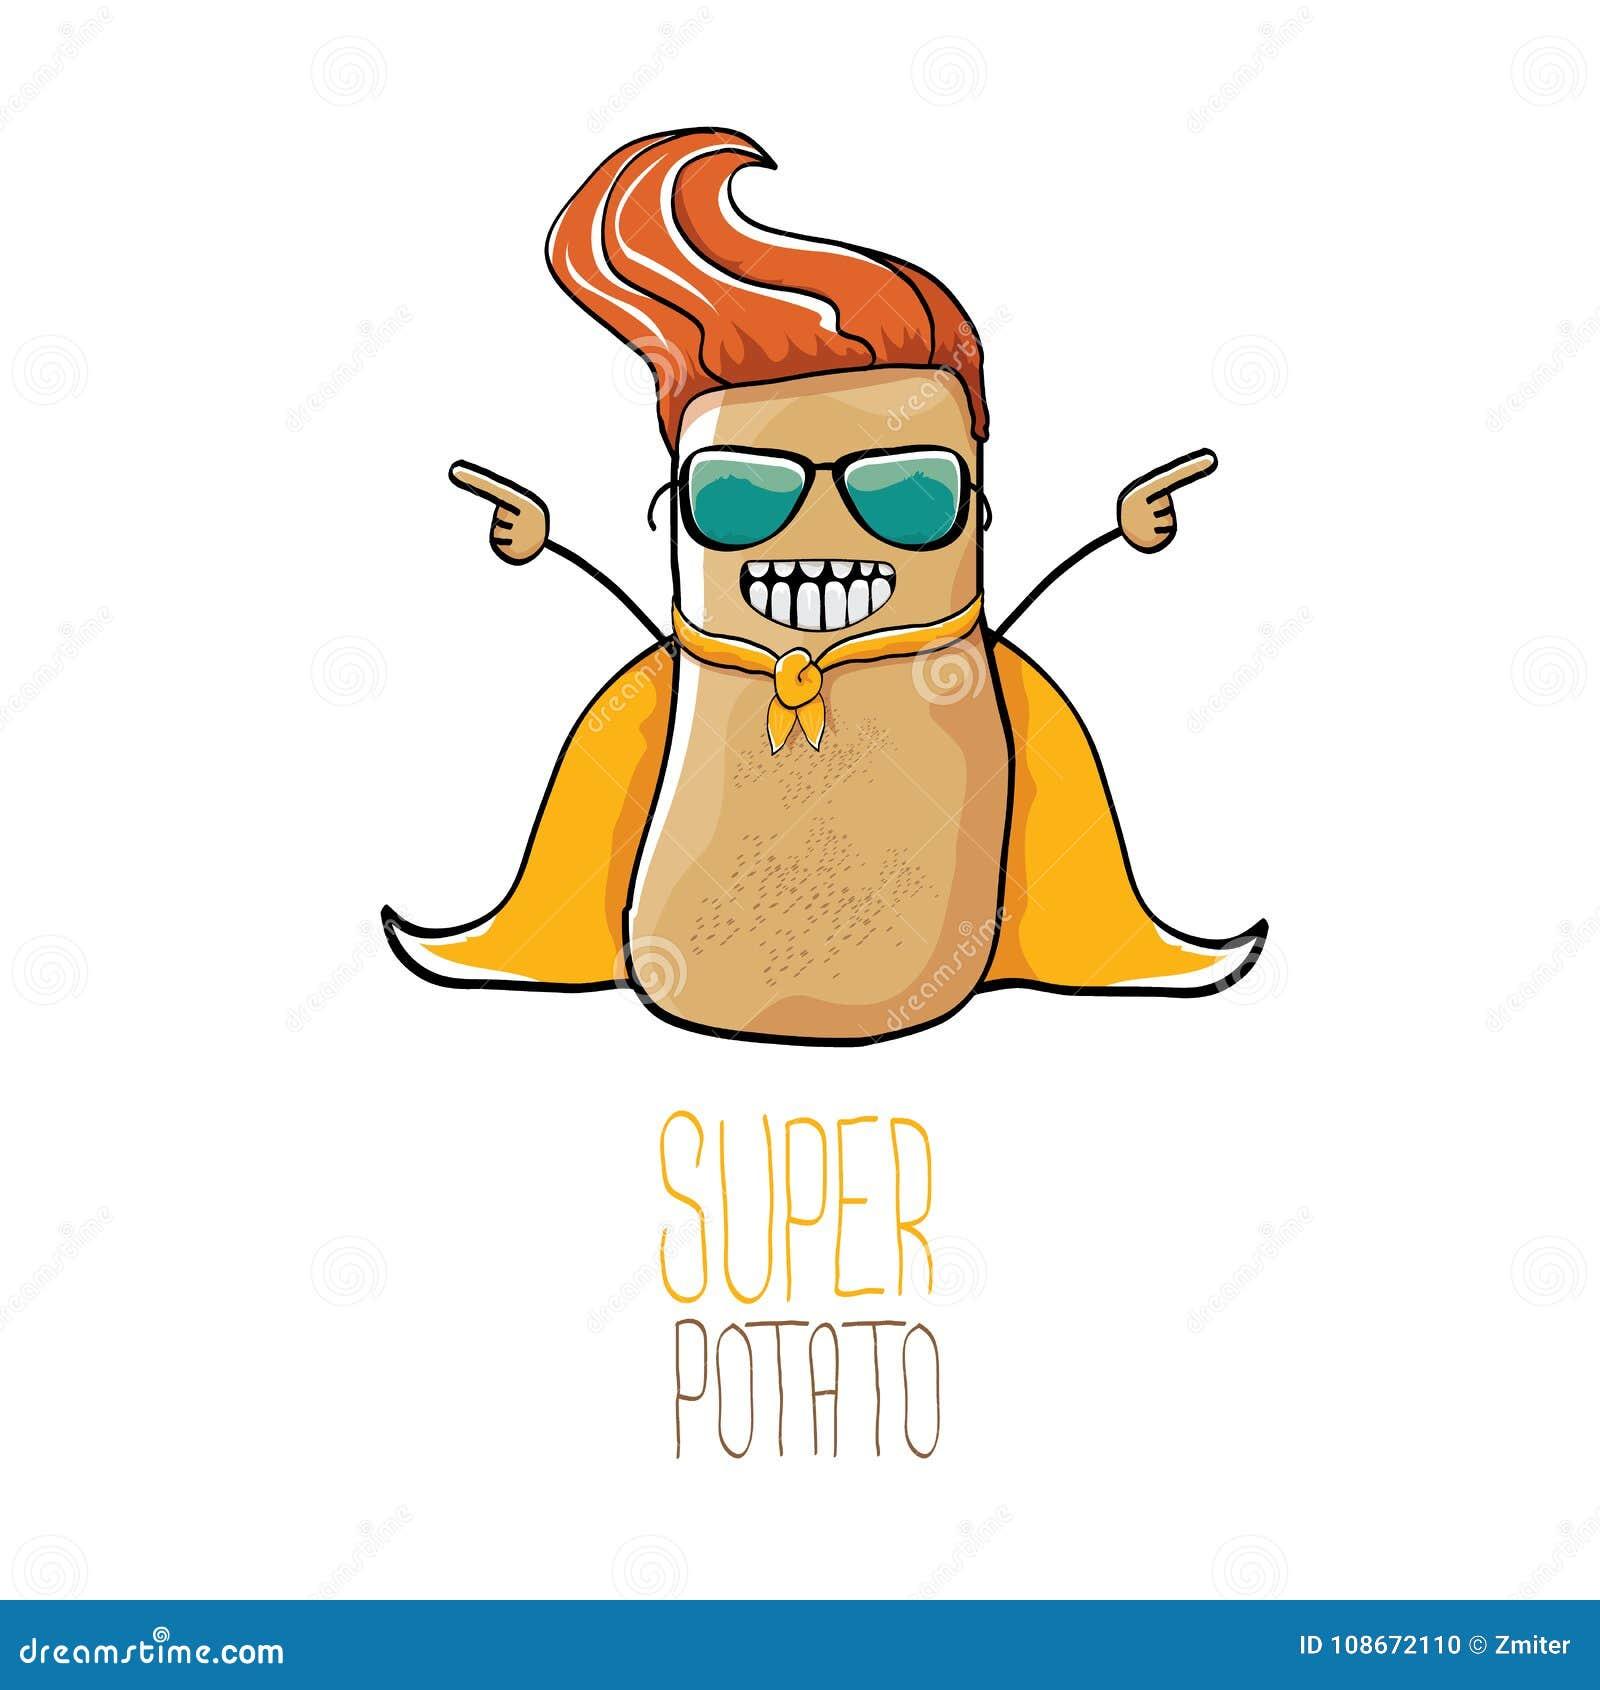 Διανυσματική αστεία πατάτα ηρώων κινούμενων σχεδίων χαριτωμένη καφετιά έξοχη με το πορτοκαλί ακρωτήριο ηρώων και μάσκα ηρώων που